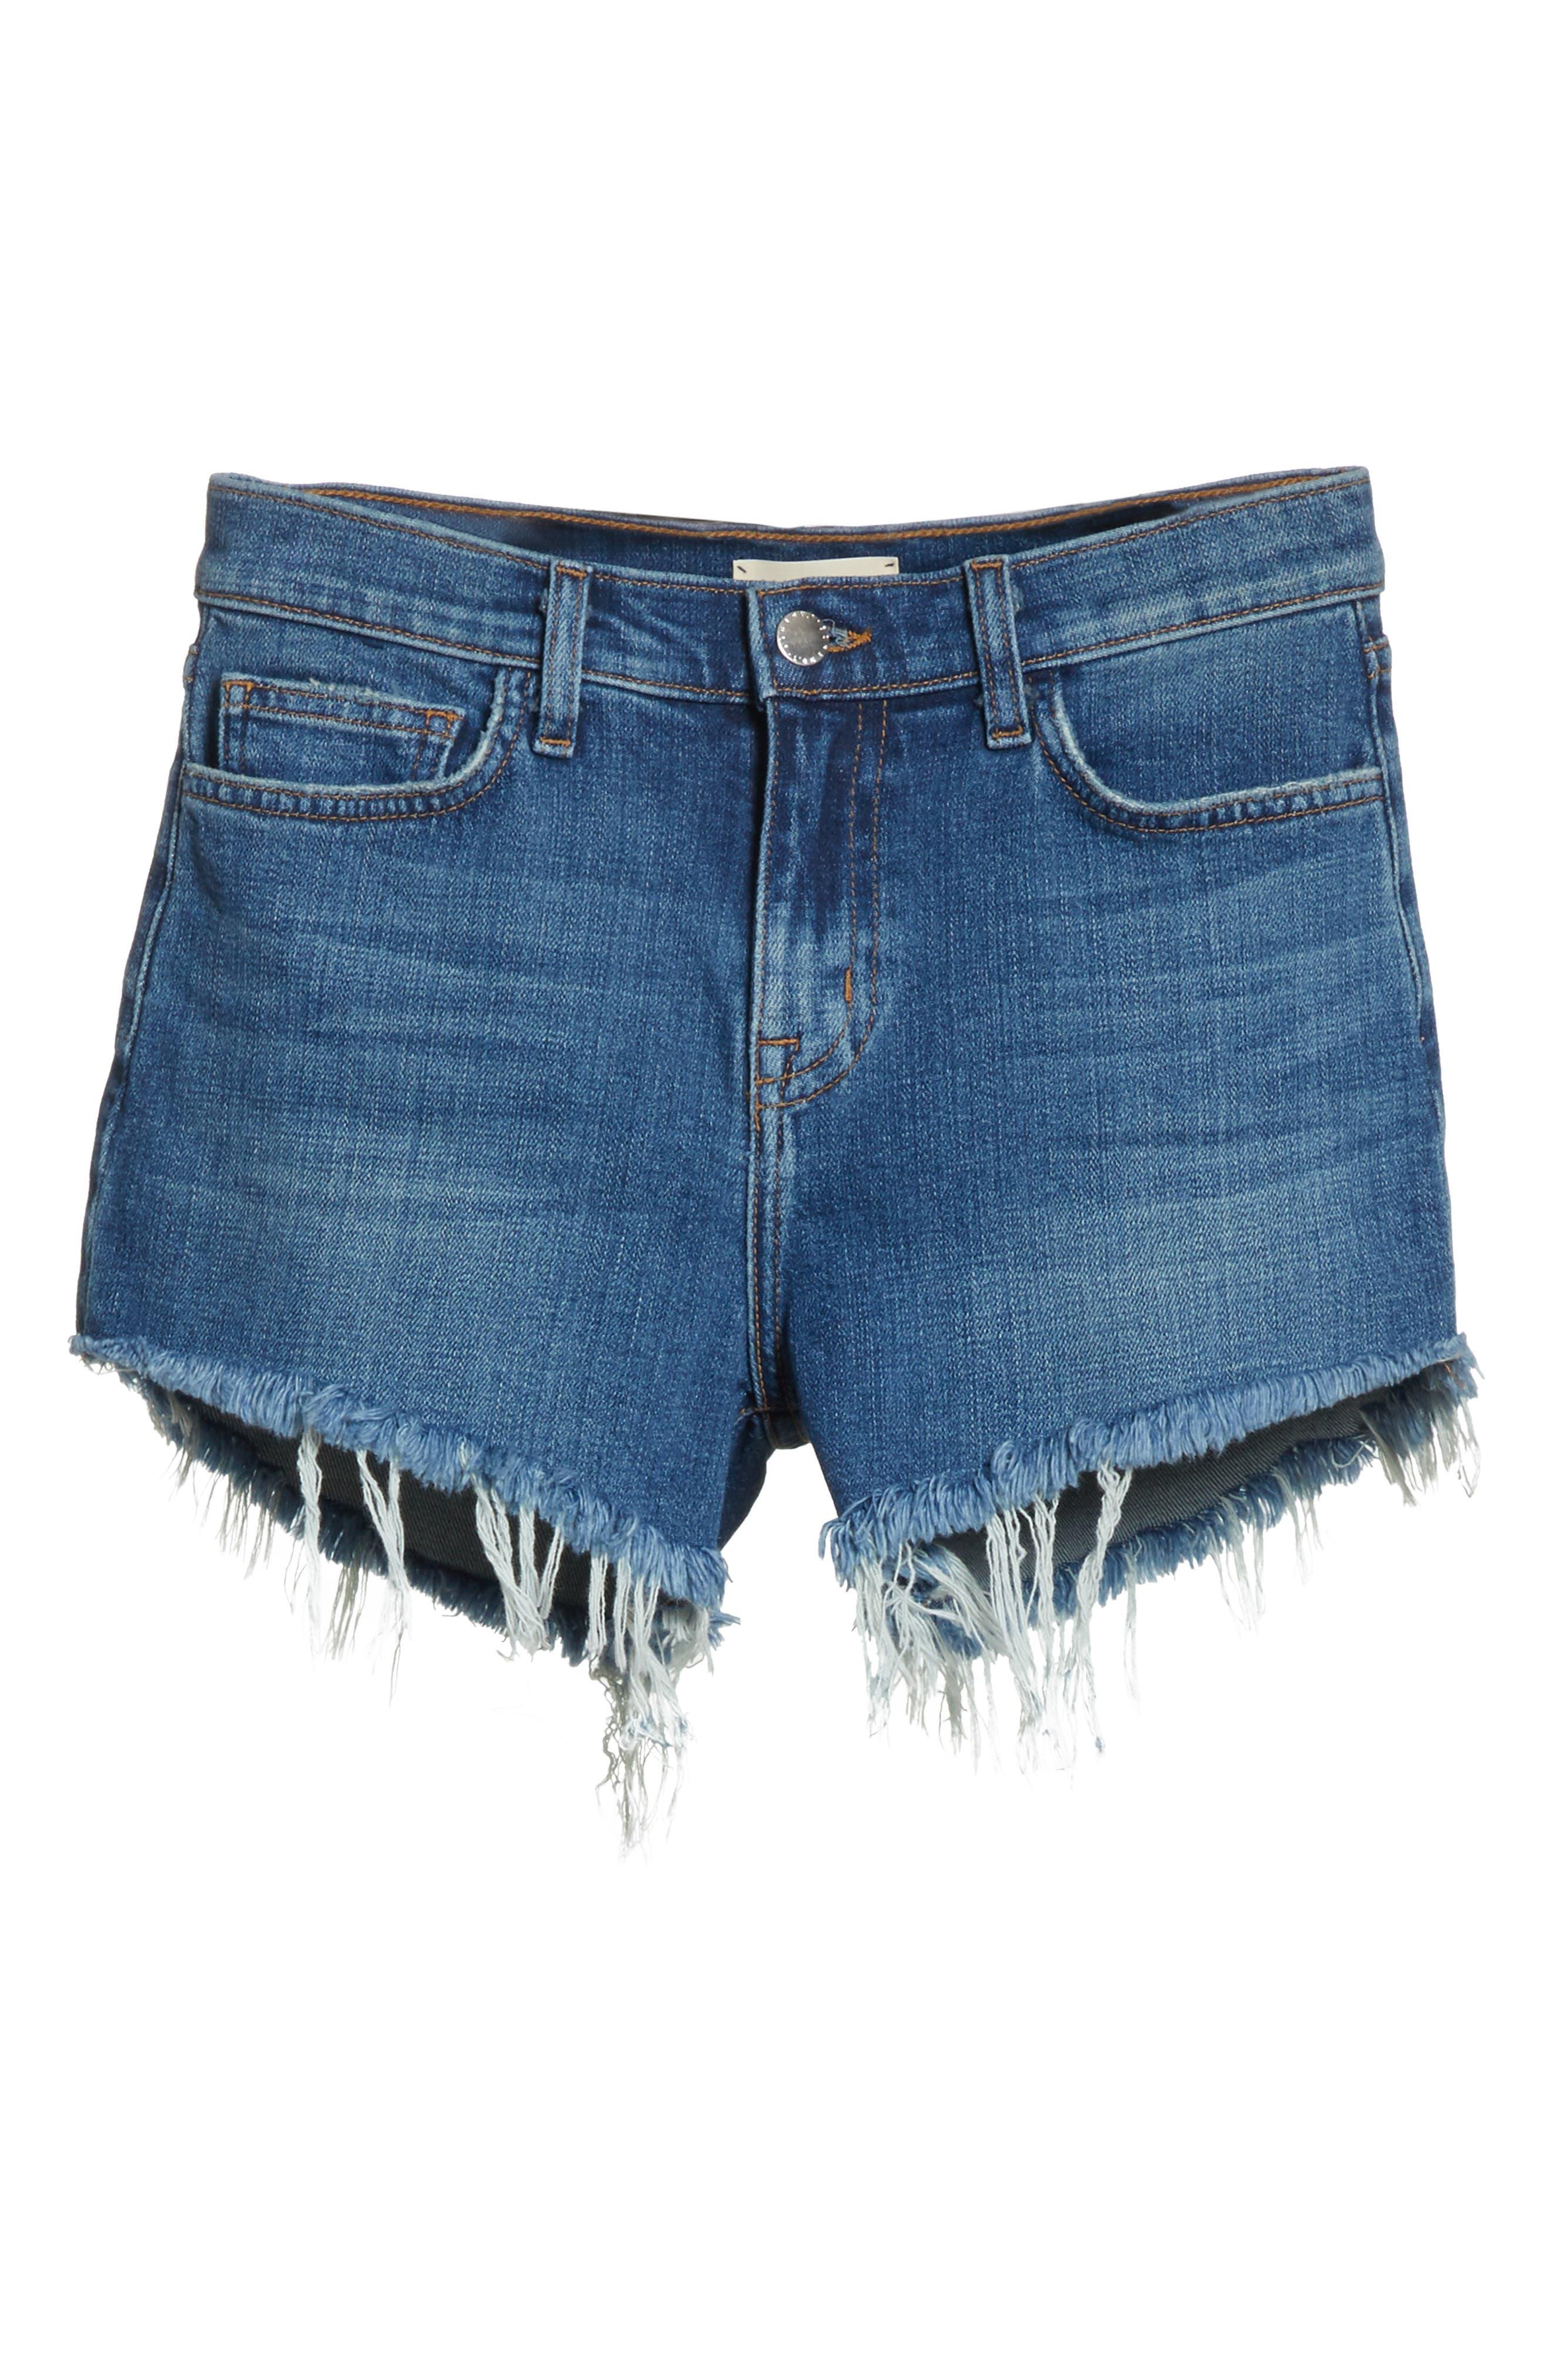 Ryland High Waist Denim Shorts,                             Alternate thumbnail 6, color,                             Authentique